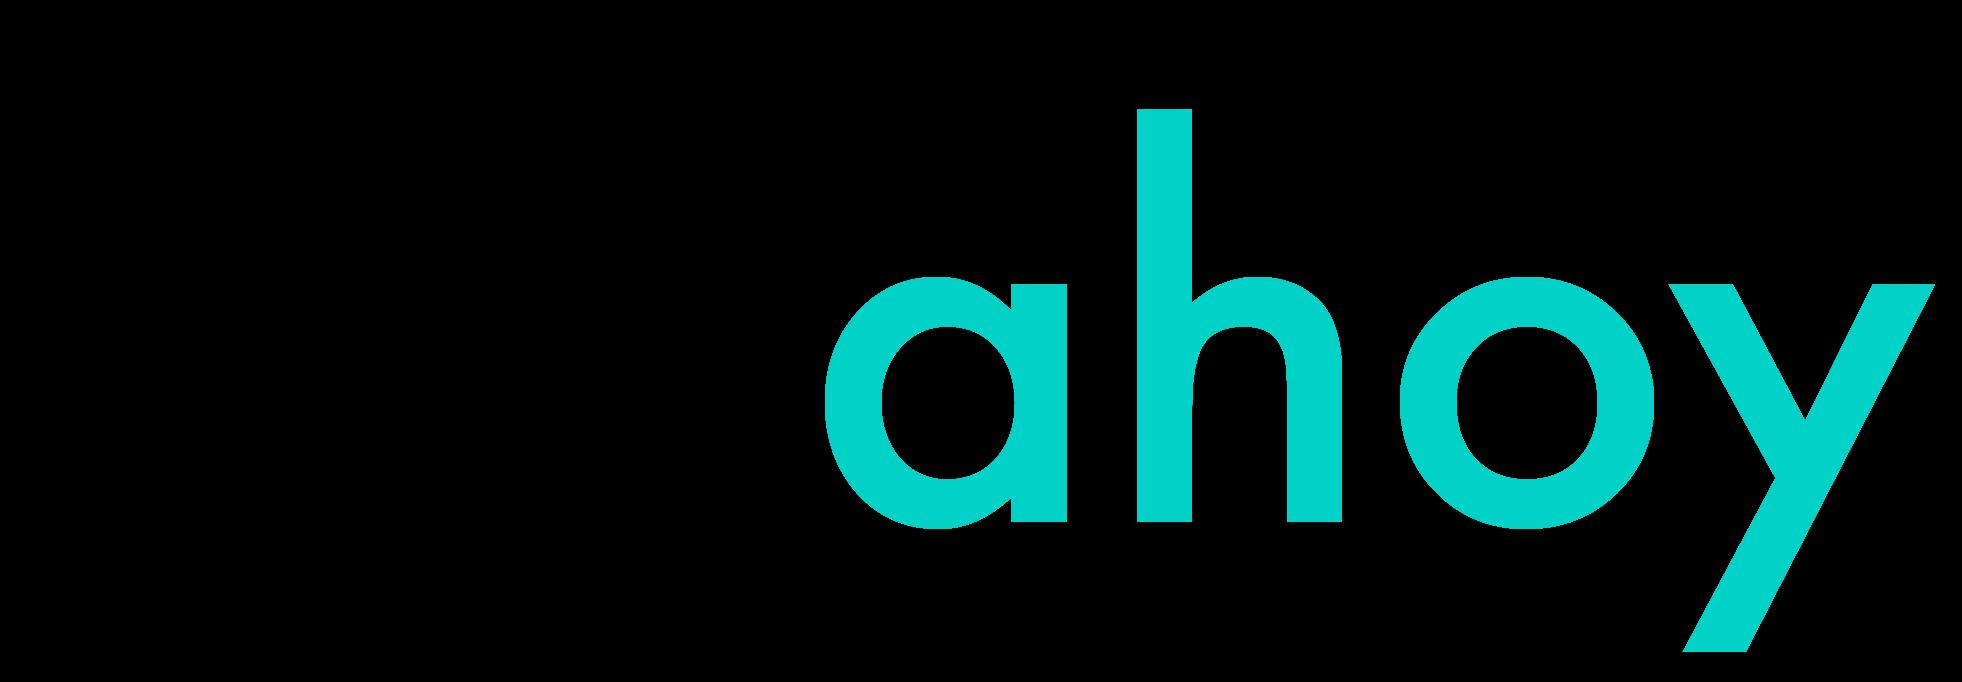 bizahoy Logo